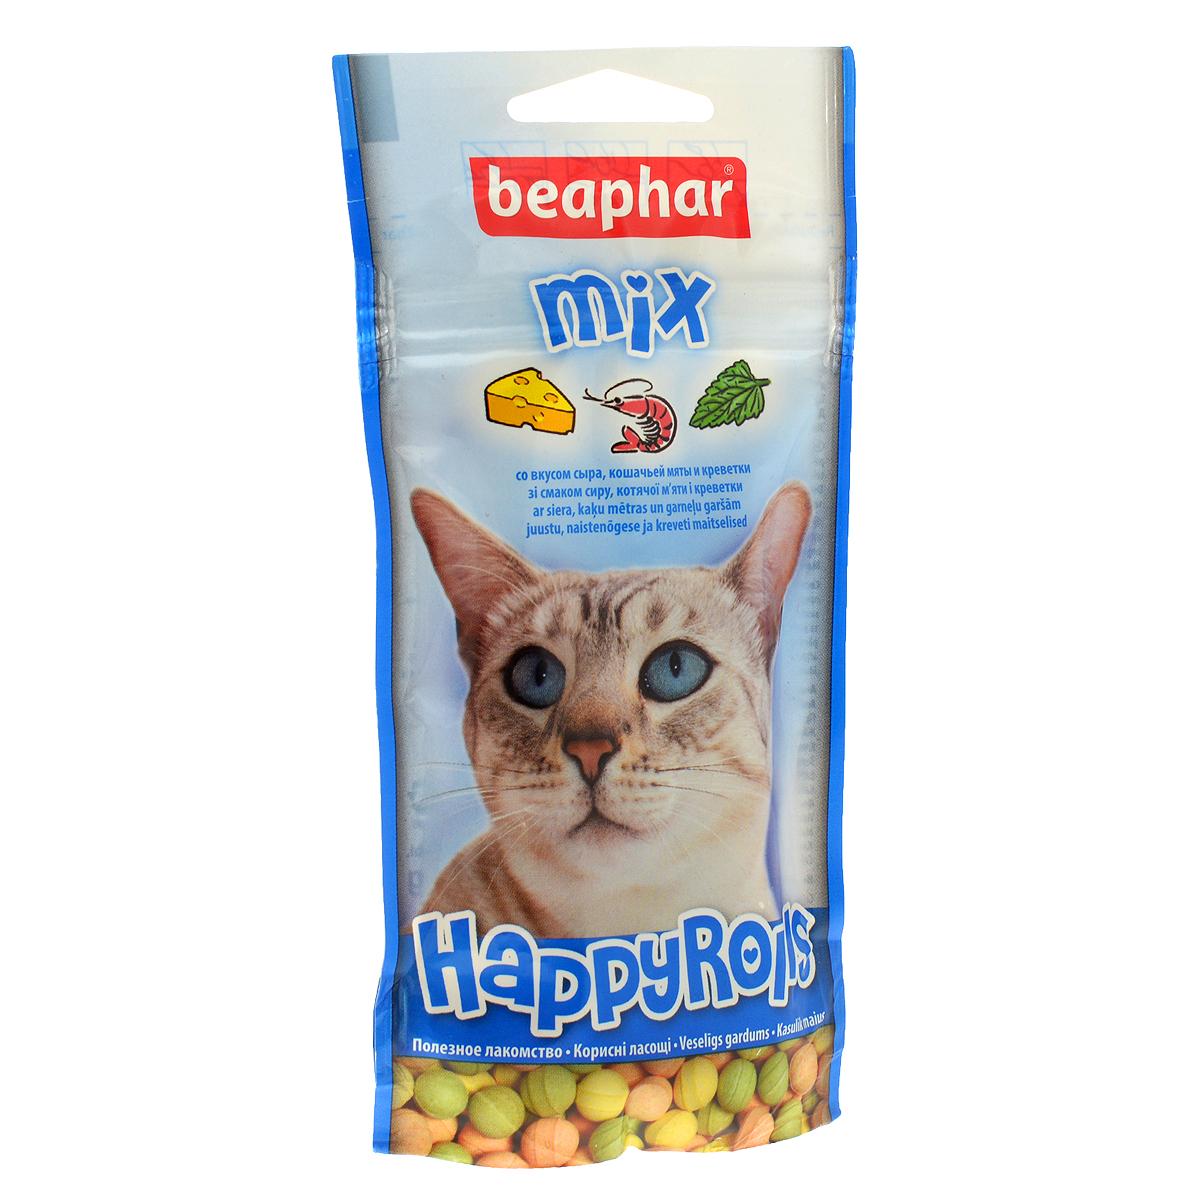 Лакомство для кошек Beaphar Happy Rolls Mix, цвет: синий, 80 шт0120710Лакомство Beaphar Happy Rolls Mix с креветками, сыром и кошачьей мятой для кошек очень вкусно и полезно. Оно содержит витамины, минералы и микроэлементы. Улучшает настроение, а также помогает уберечь кошку от стрессов. Применяется в качестве лакомства для кошек, начиная с 6-месячного возраста. Состав: молоко и молочные продукты, сахар, минералы, мясо и мясопродукты (более 4% ливер), рыба и рыбопродукты (более 4% креветок). Анализ: протеин (8,8%), жиры (2,8%), клетчатка (7,4%), зола (12,8%), влага (4,7%), кальций (1,8%), фосфор (1,3%), натрий (0,2%).Добавки: микрокристаллическая целлюлоза Е 460, стеарат кальция E 470. Количество в упаковке: 80 шт. Товар сертифицирован.